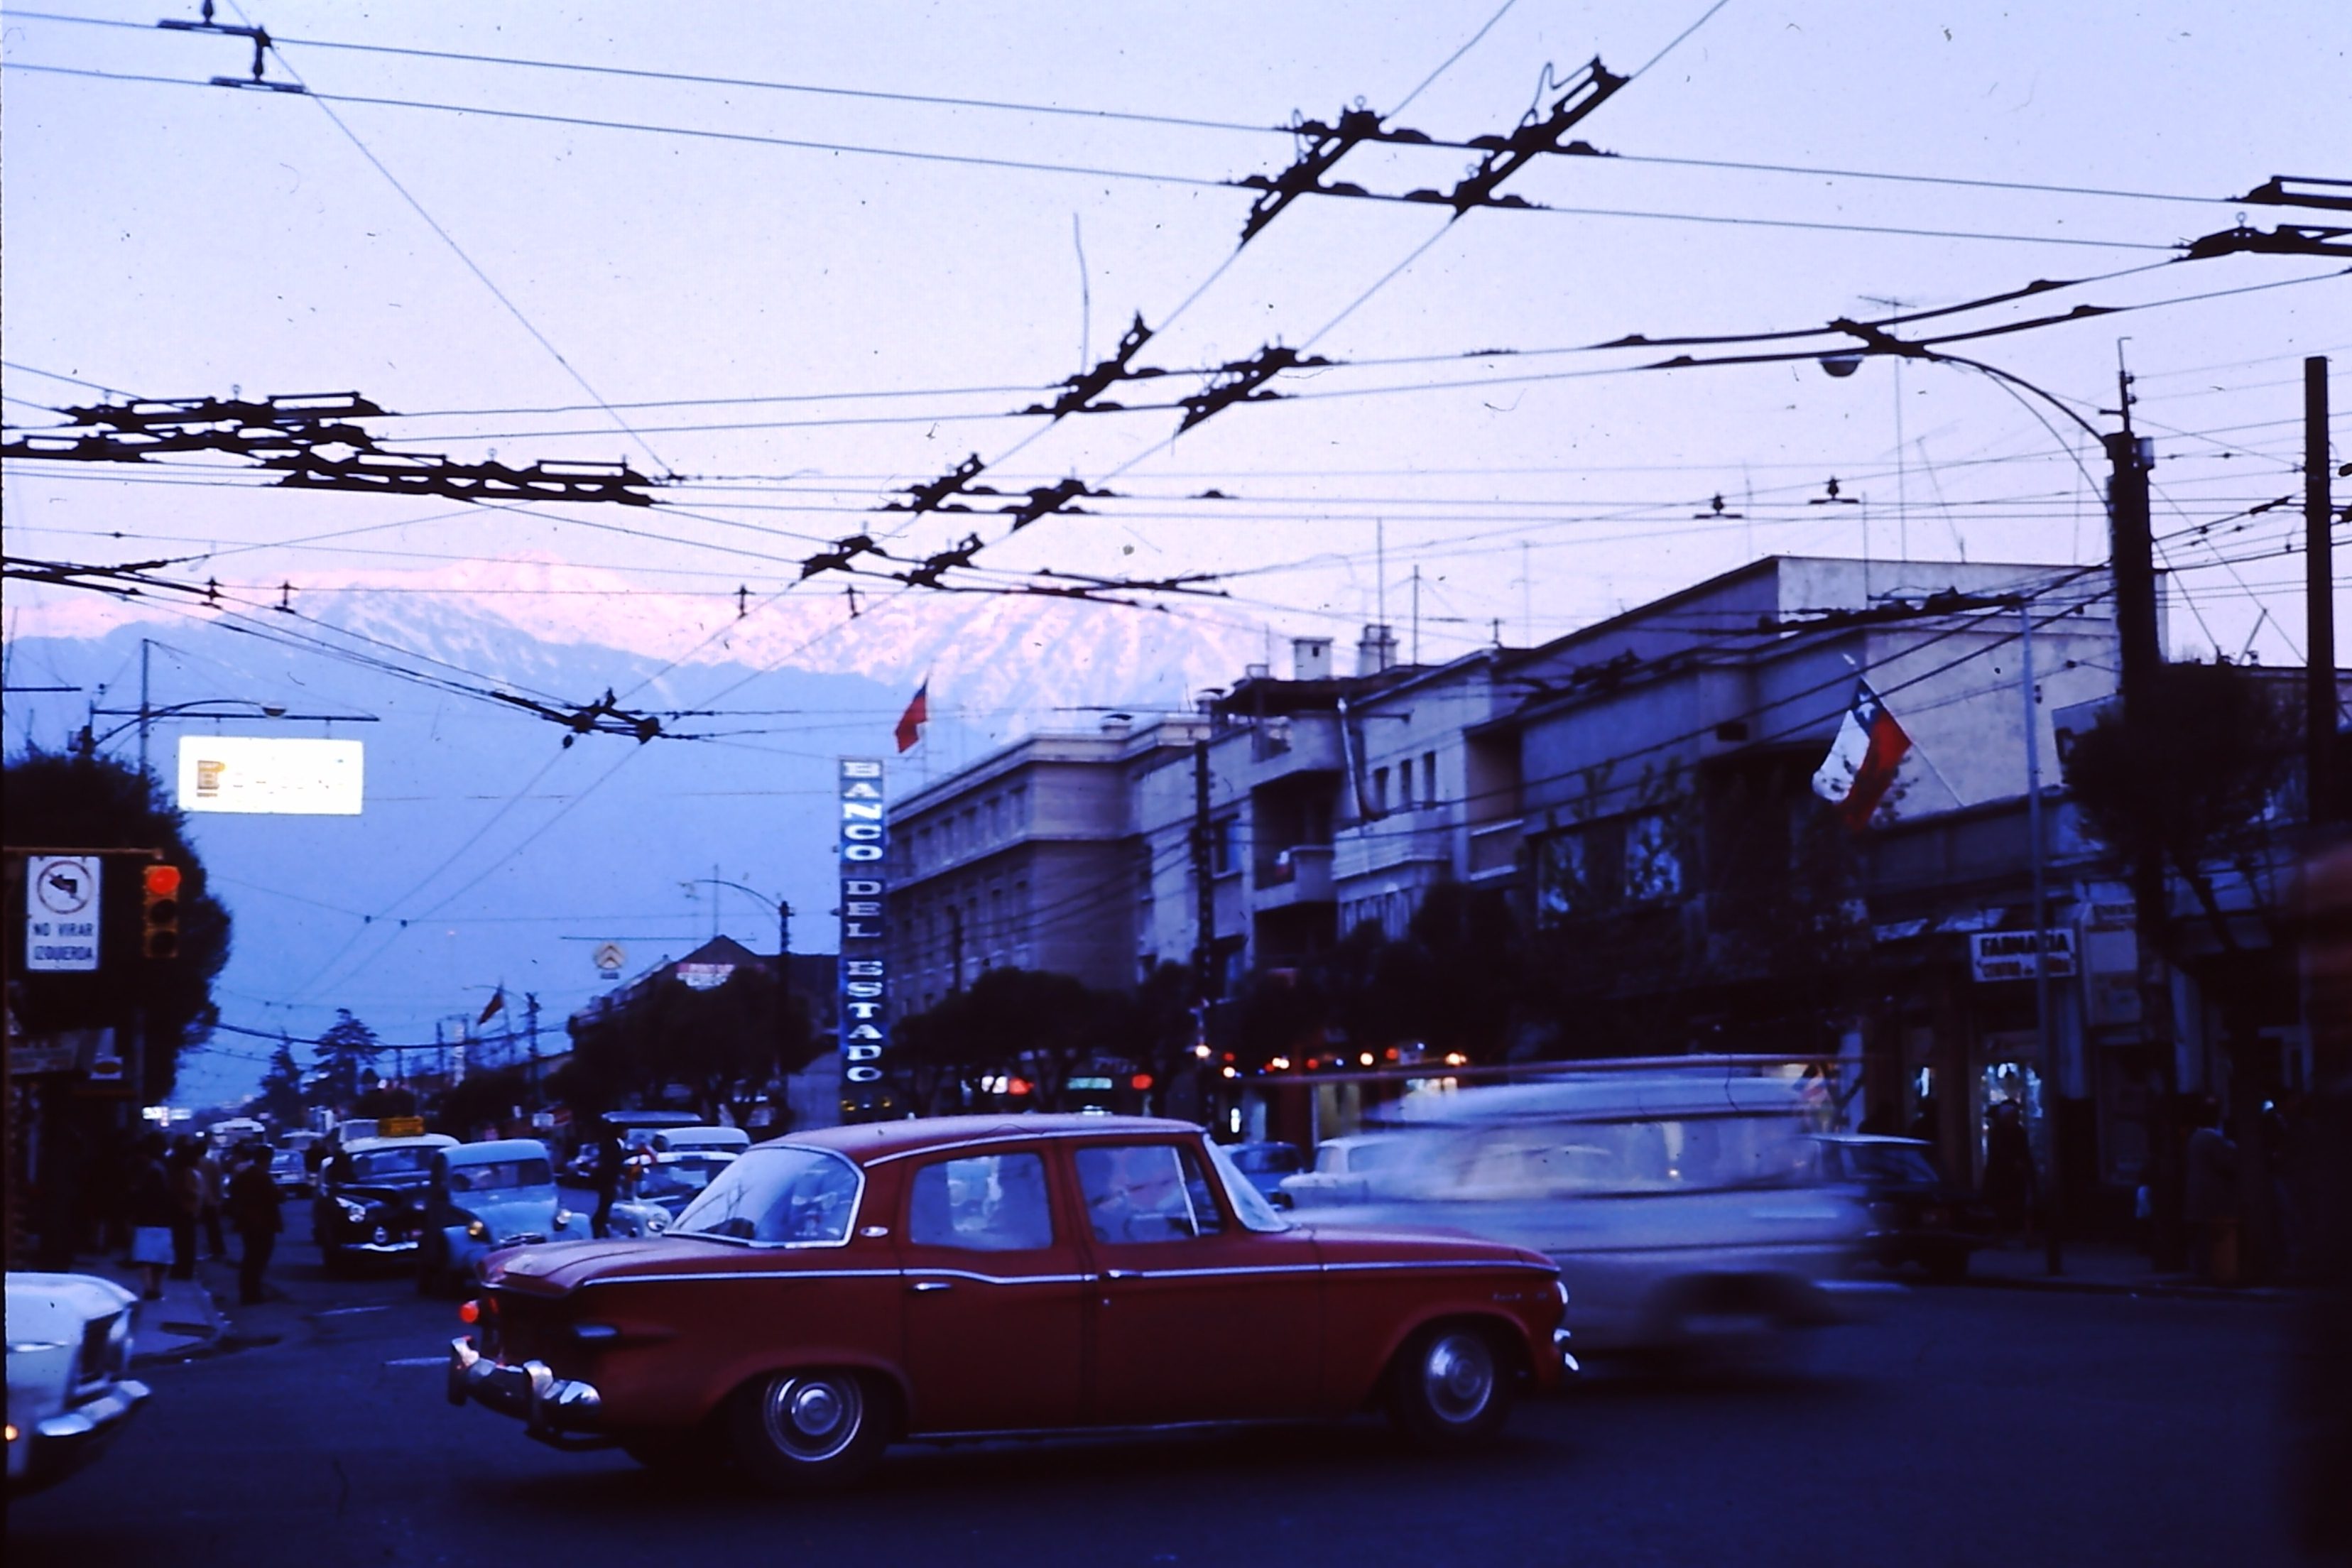 Enterreno - Fotos históricas de chile - fotos antiguas de Chile - Avenida Irarrázaval en los 70s